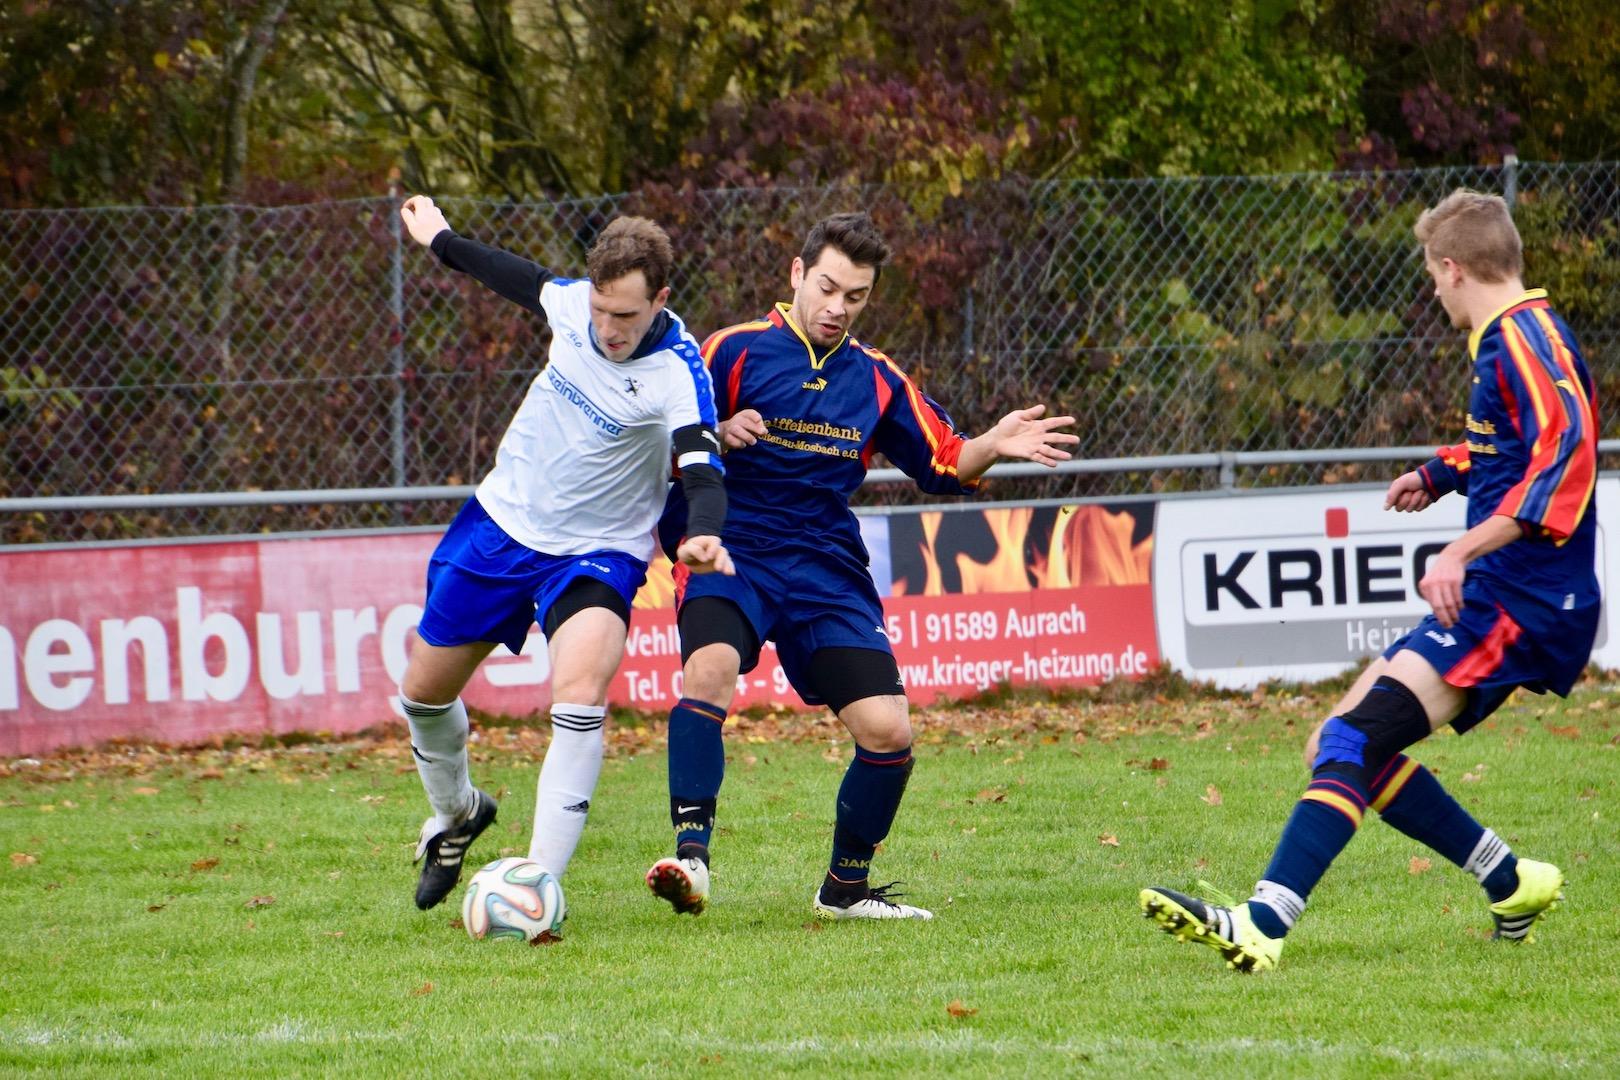 Nicht zu stoppen: Andreas Habelt steuerte mit seinen zwei Toren einen großen Beitrag zum Sieg über den TSV Merkendorf bei.